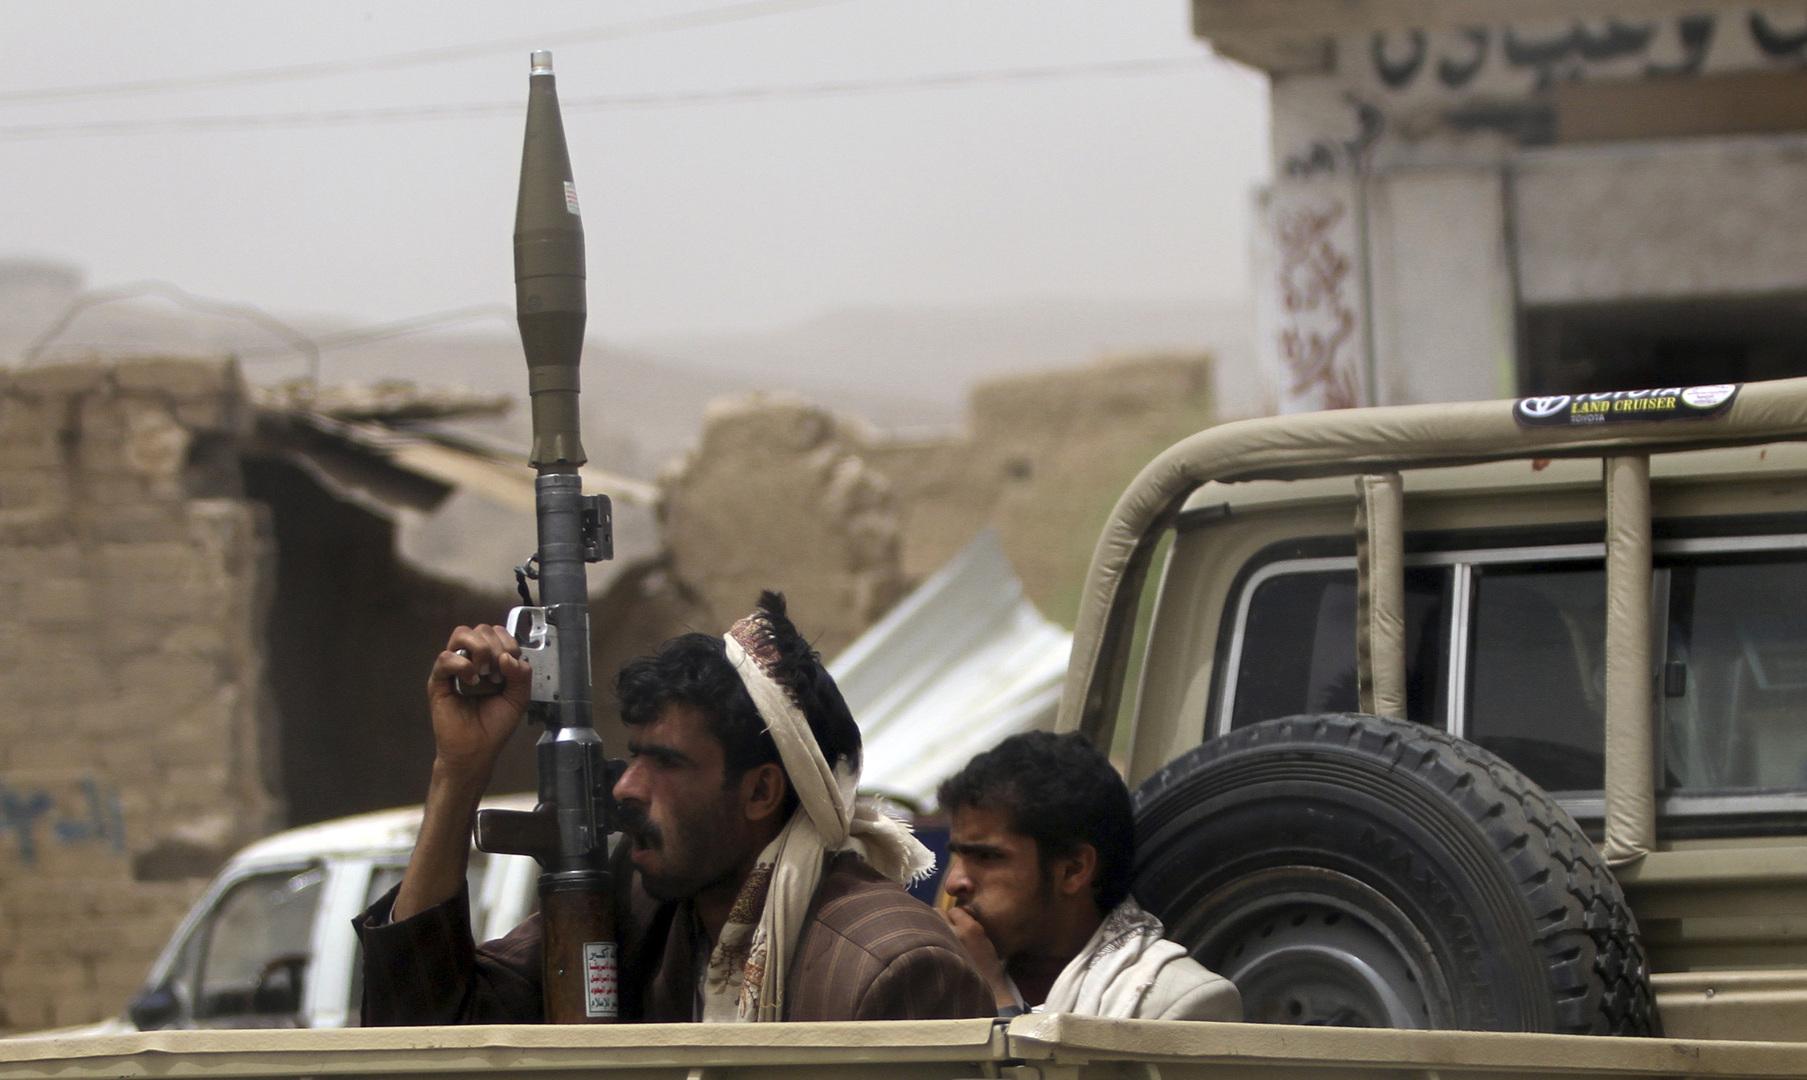 الحوثيون يعلنون استهداف مطارات أبها وجيزان ونجران في السعودية